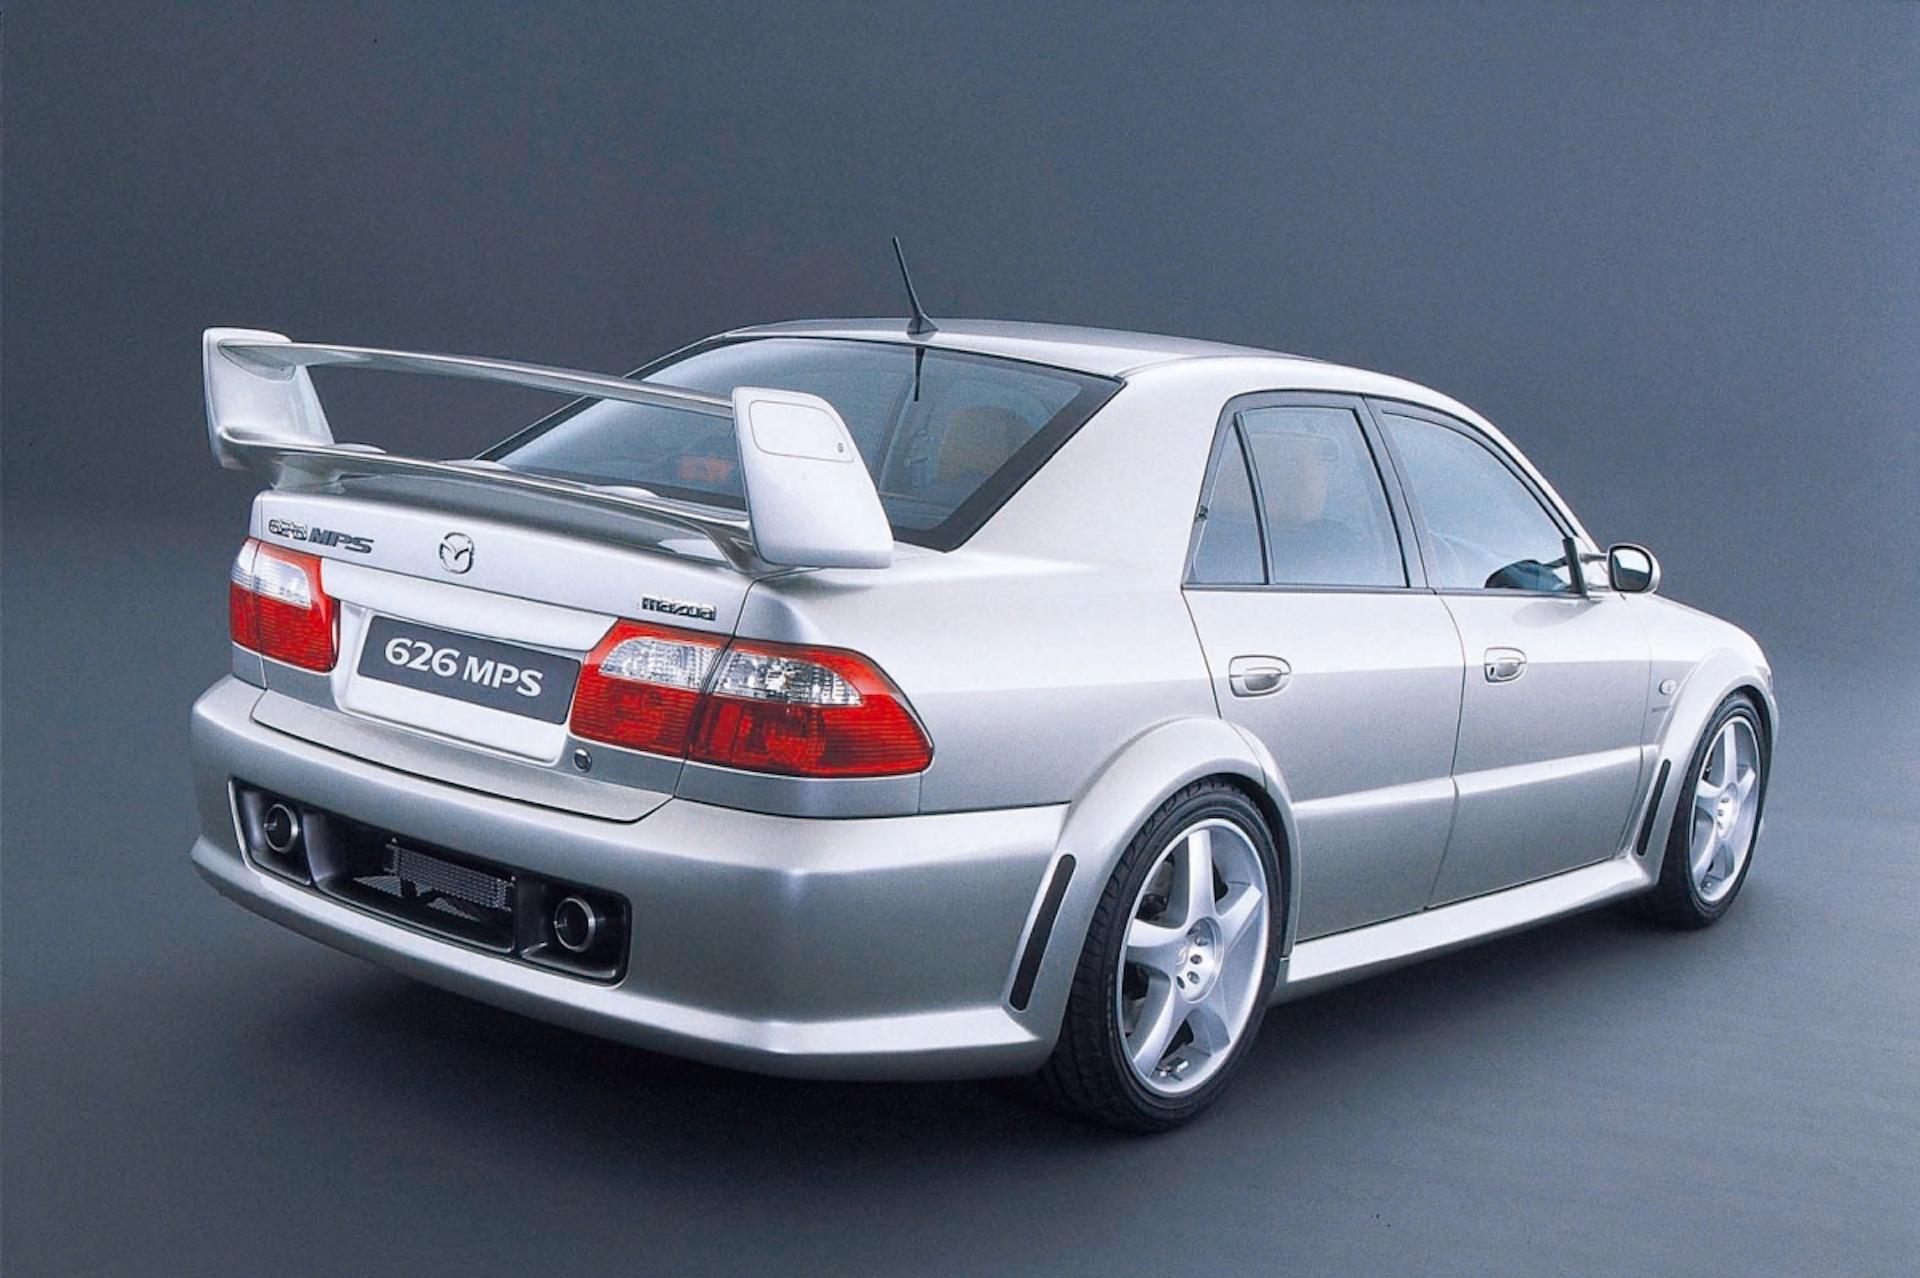 Mazda 626 Mps Historia 2